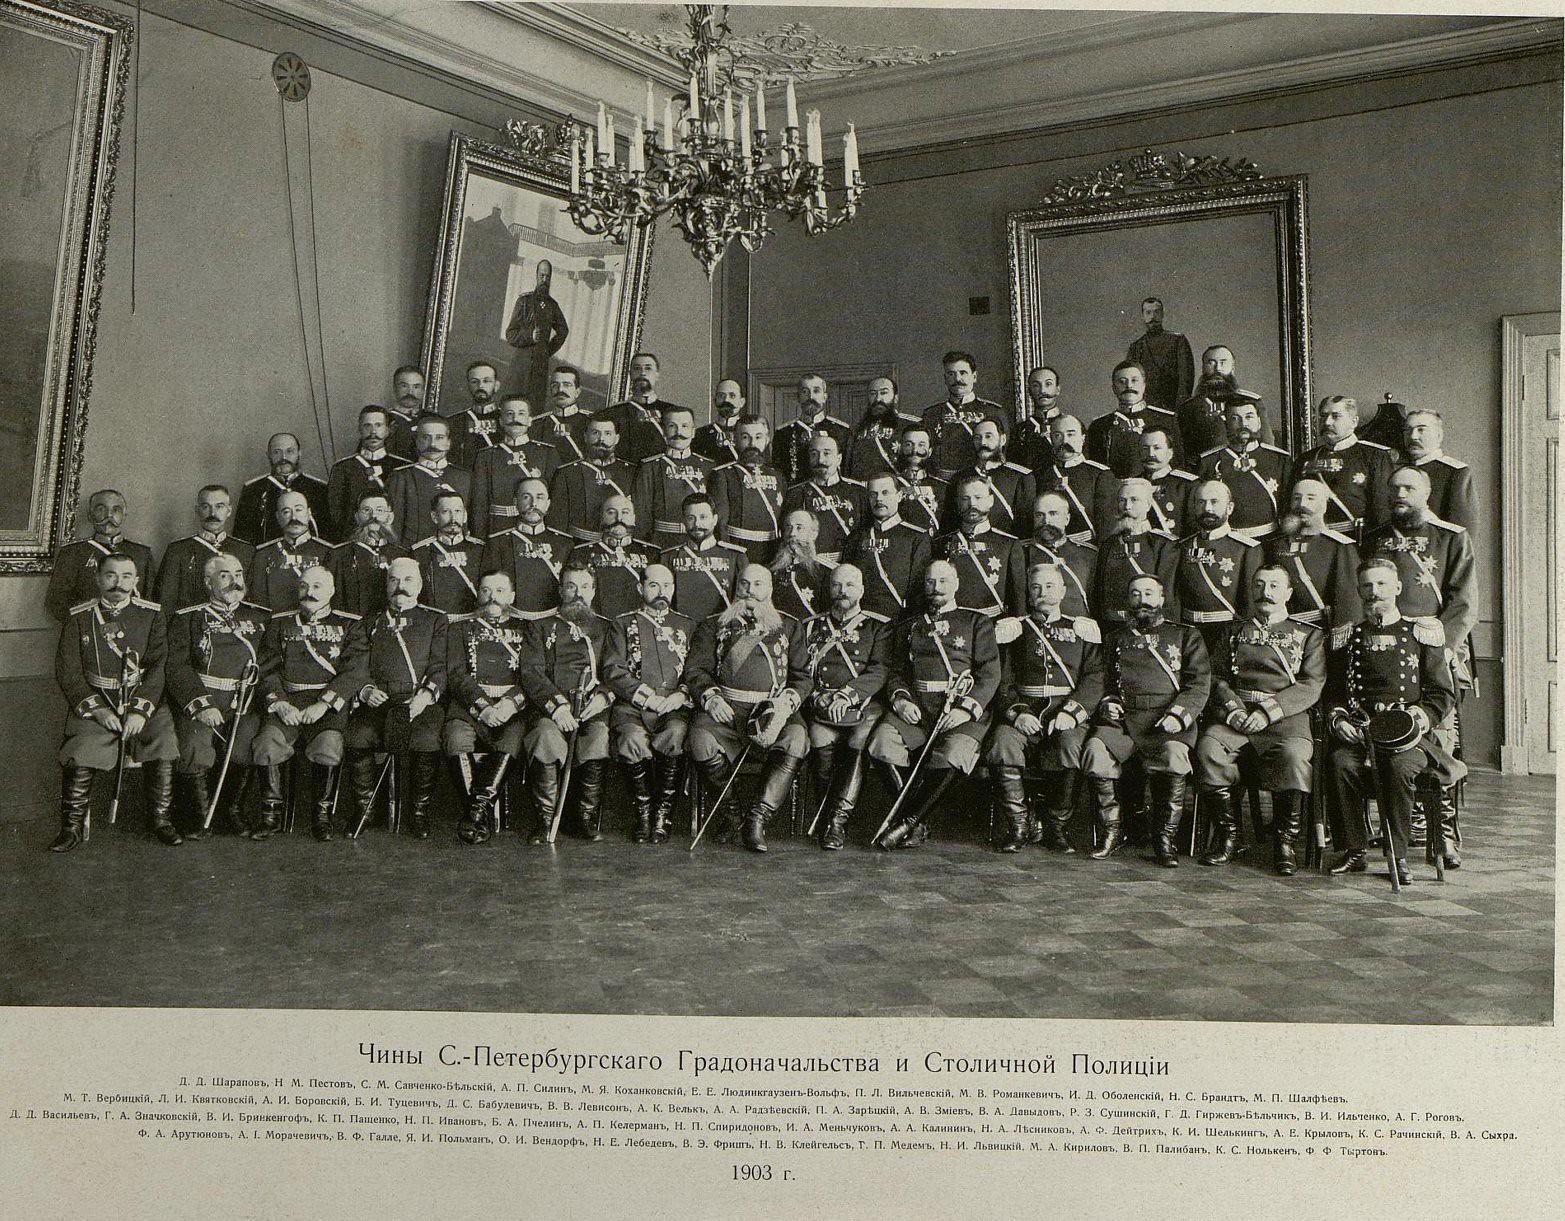 19. Чины Санкт-петербургского градоначальства и Столичной полиции в 1903 году